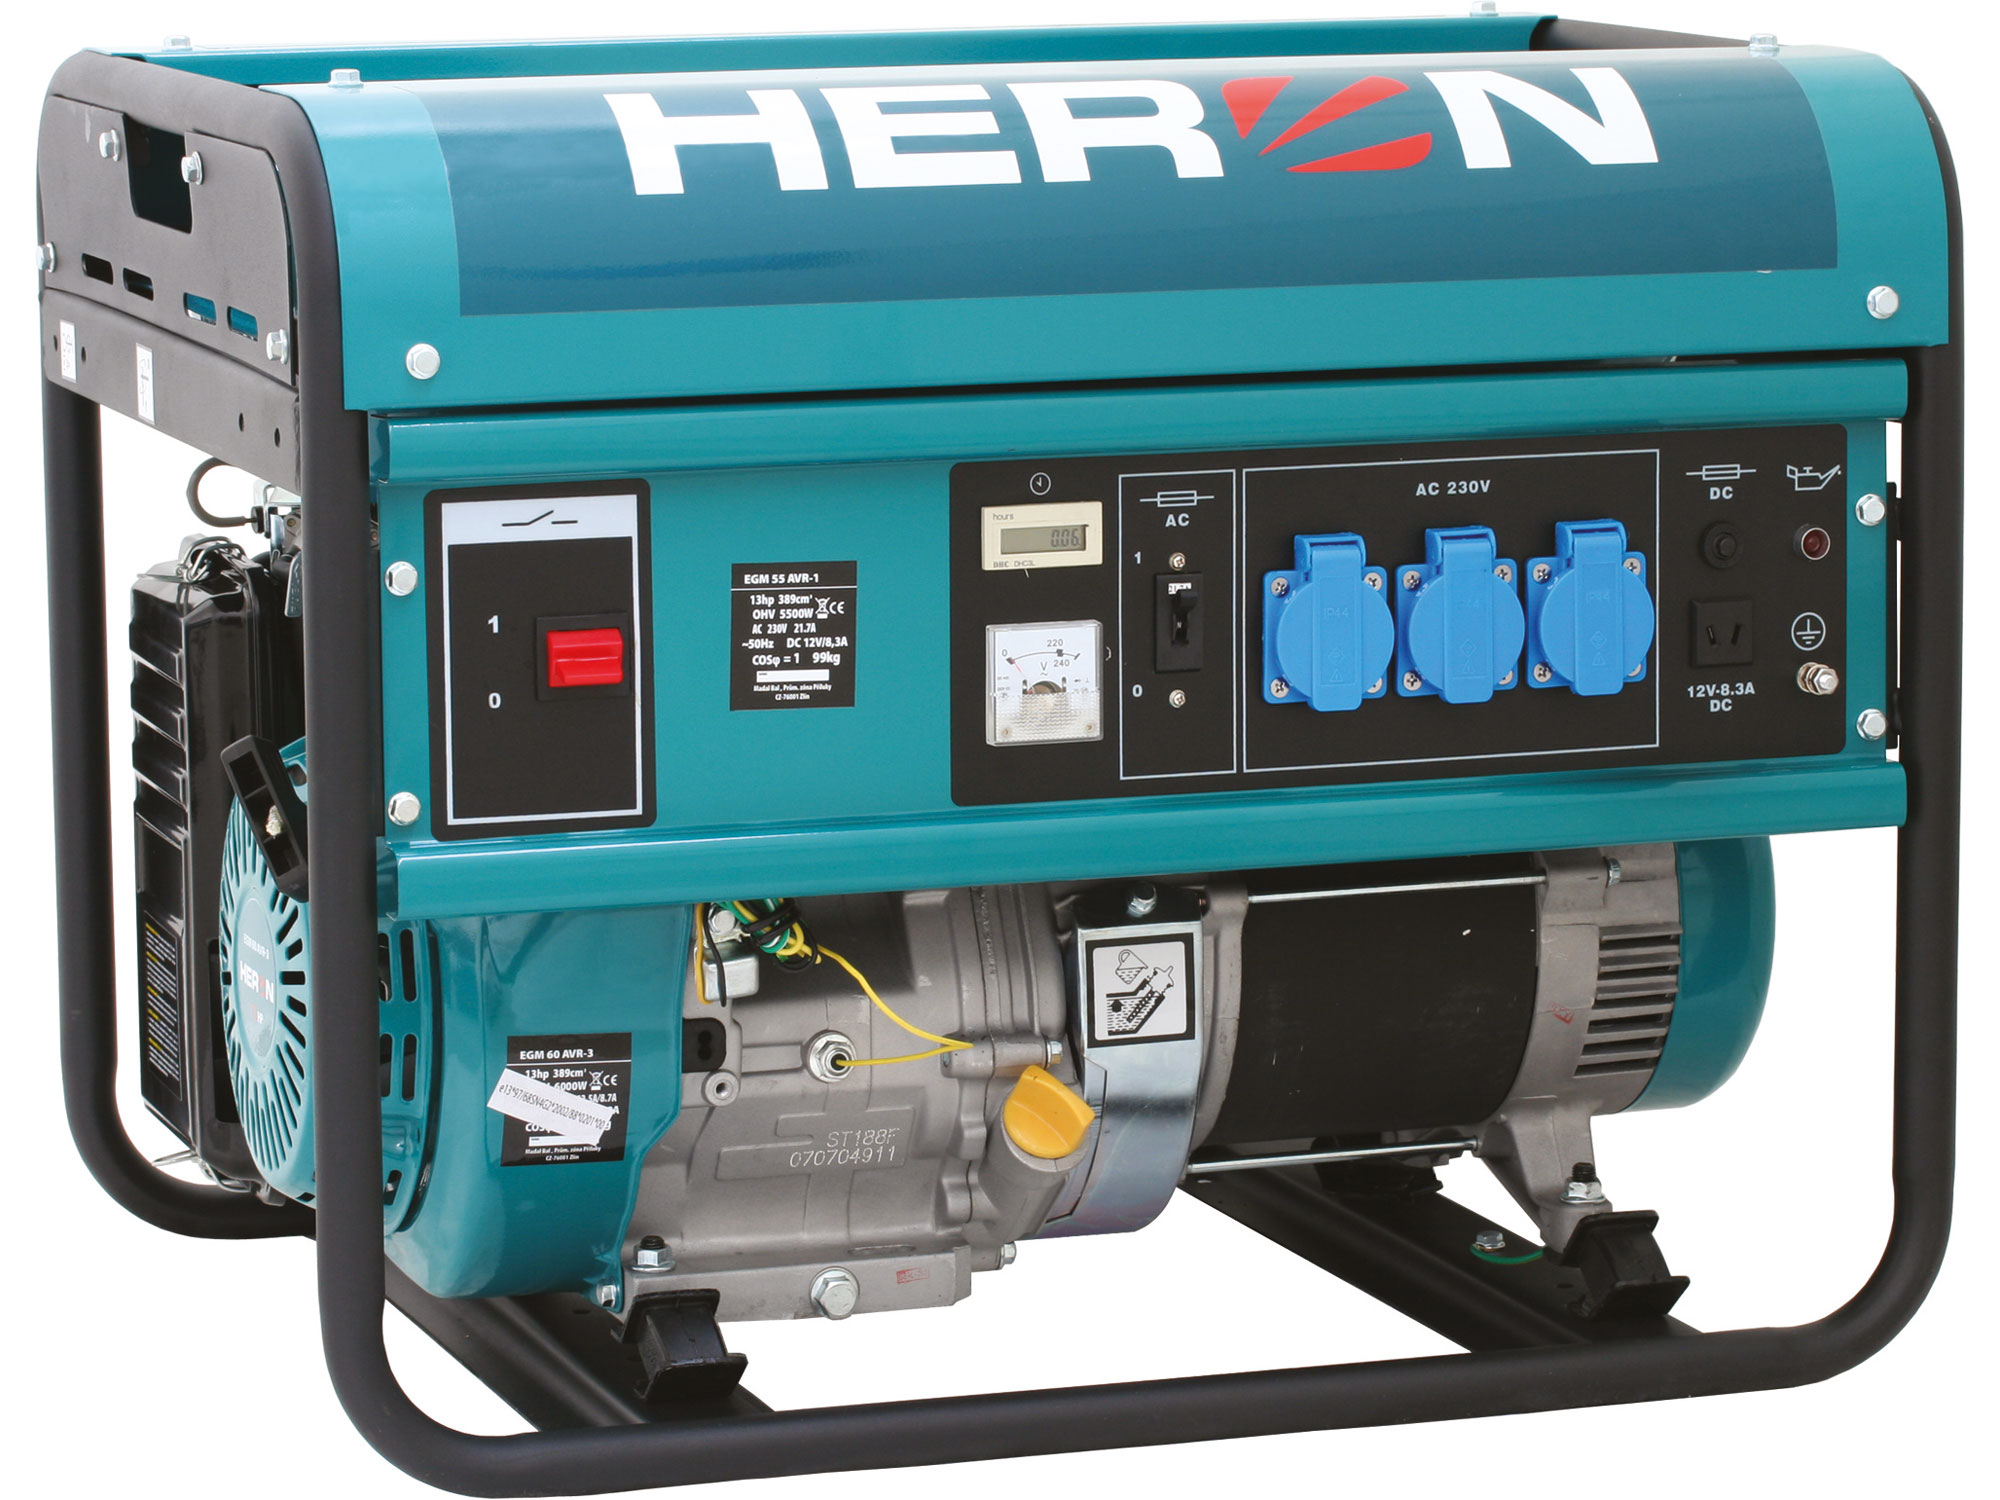 ZRUŠENO! Nahrazeno výrobkem 8896413, elektrocentrála benzínová 13HP/5,5kW, pro svařování